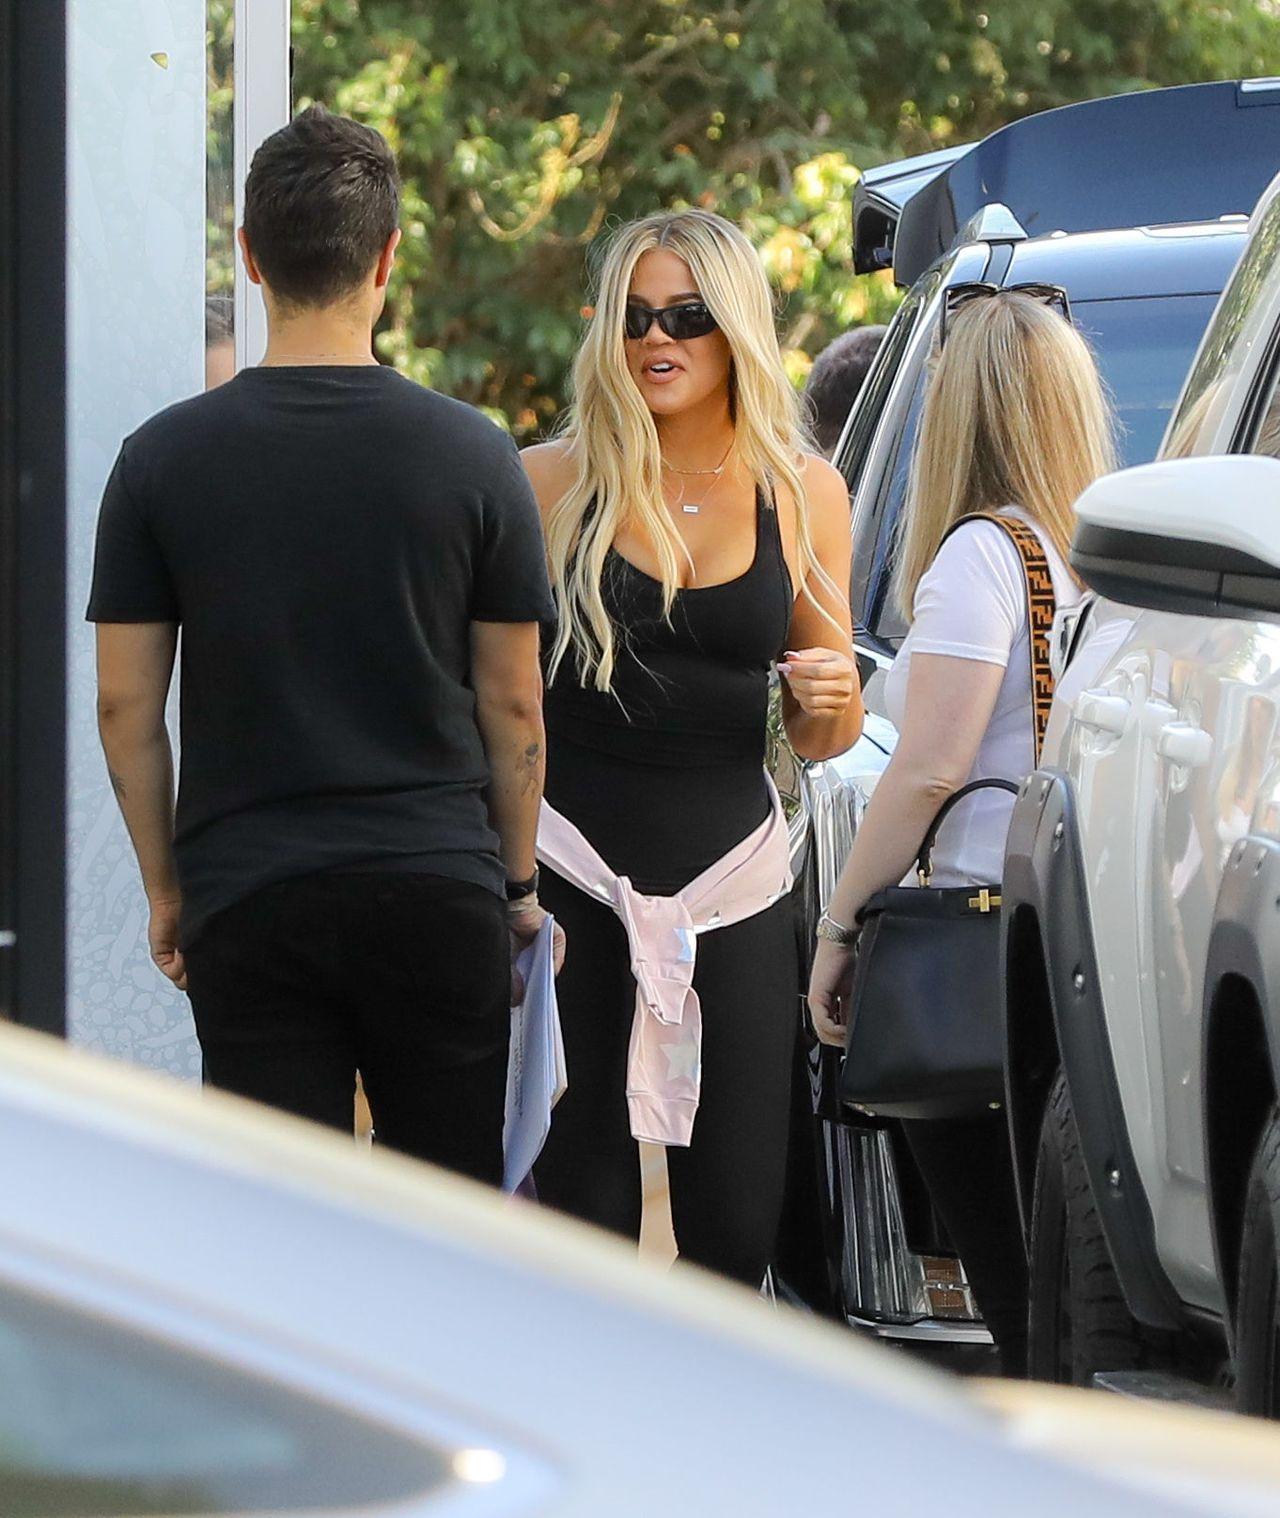 Pierwszy dzień w pracy Khloe Kardashian po urodzeniu True (ZDJĘCIA)